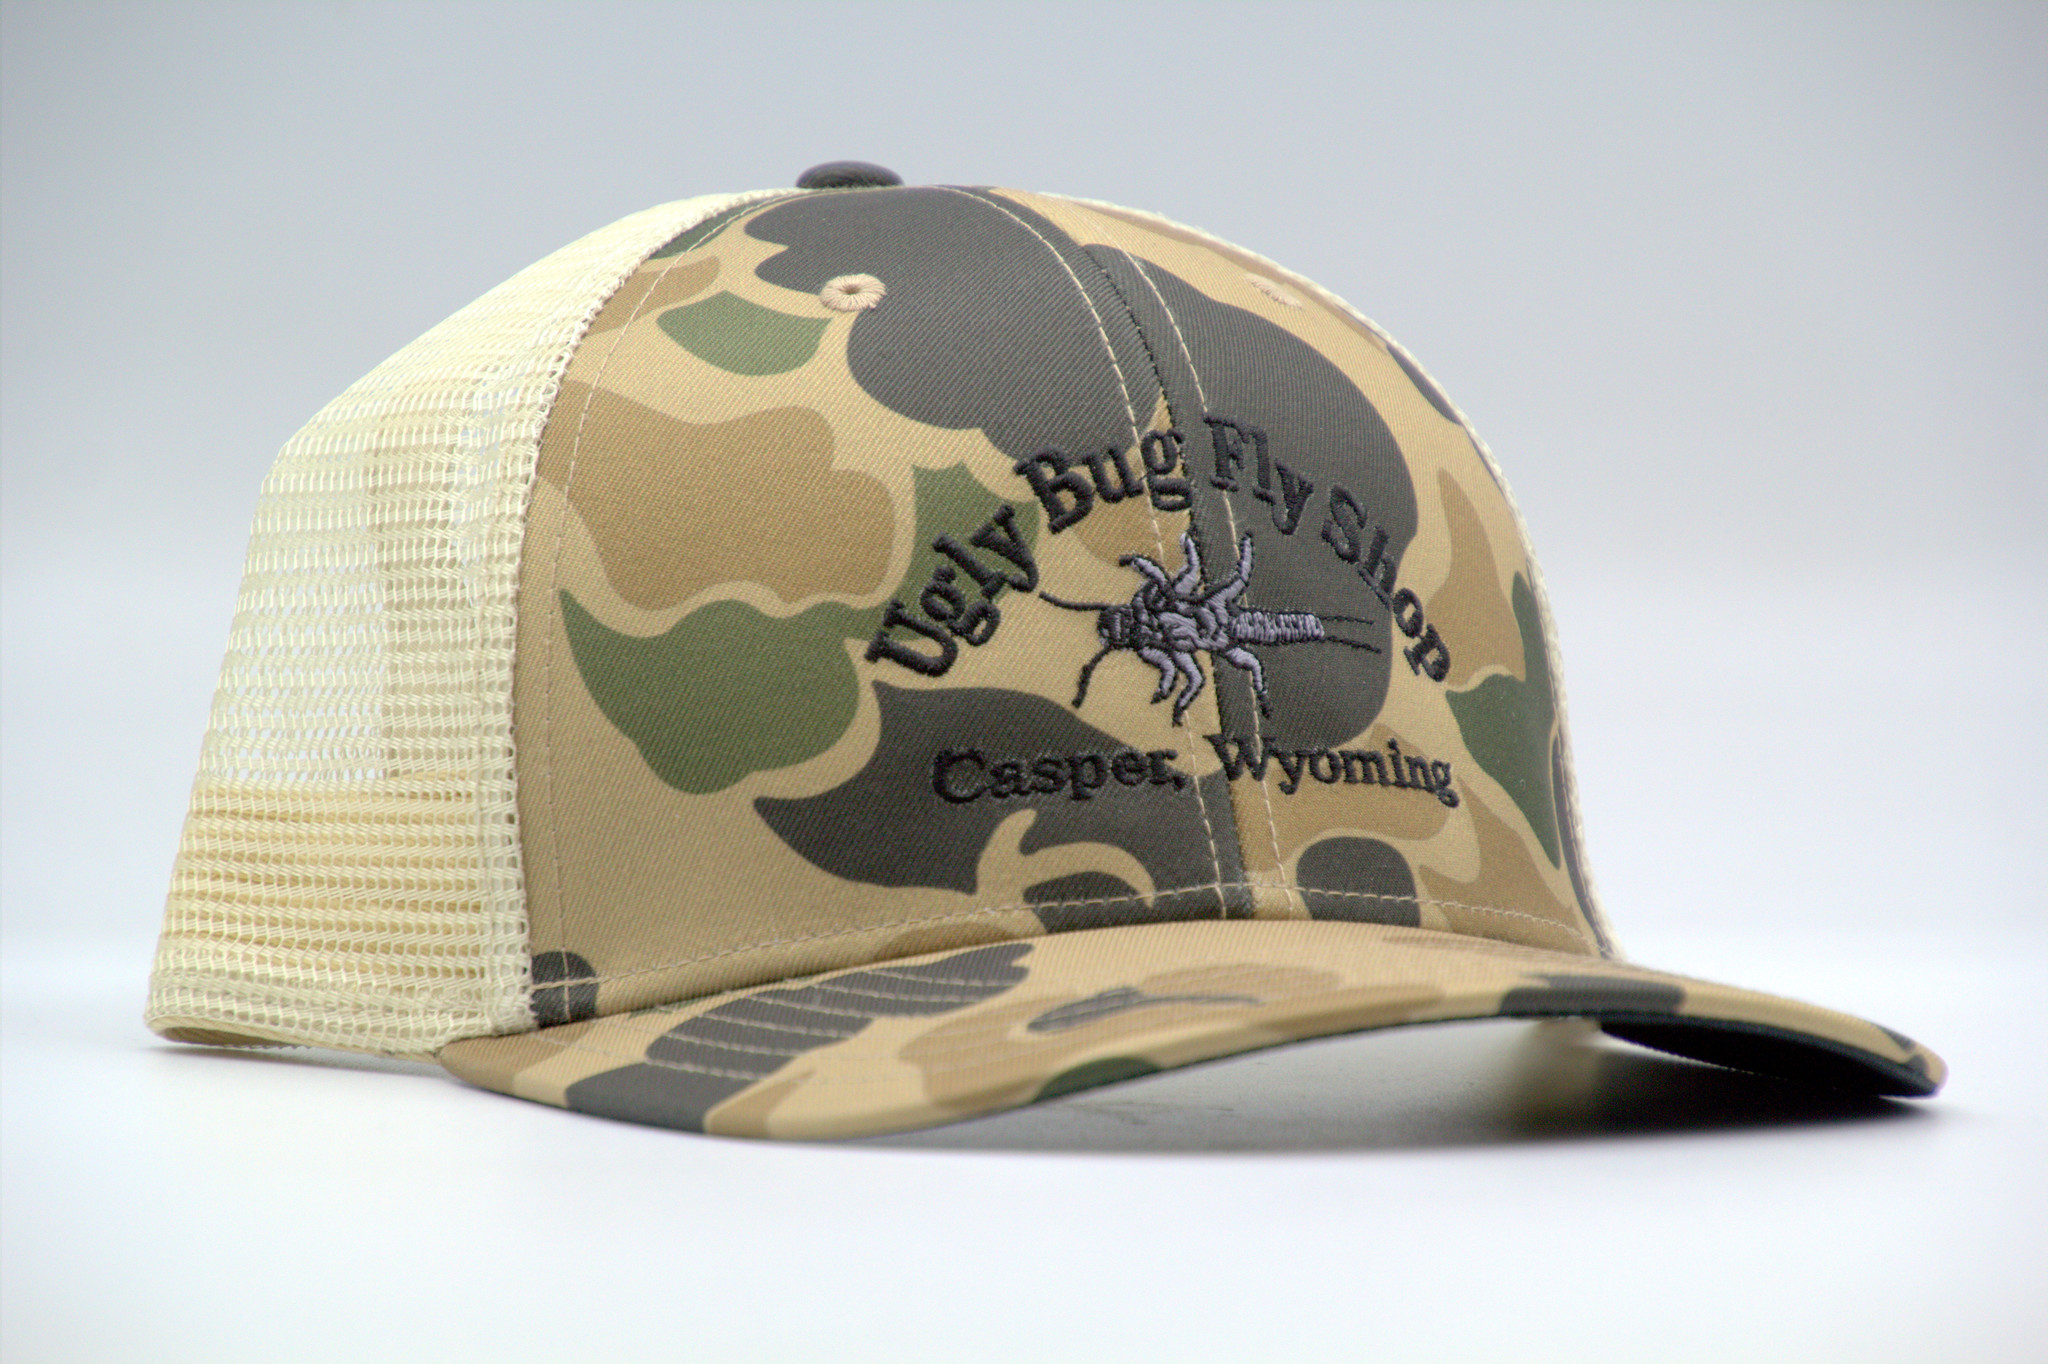 Orvis Company ORVIS CAMO UGLY BUG TRUCKER HAT